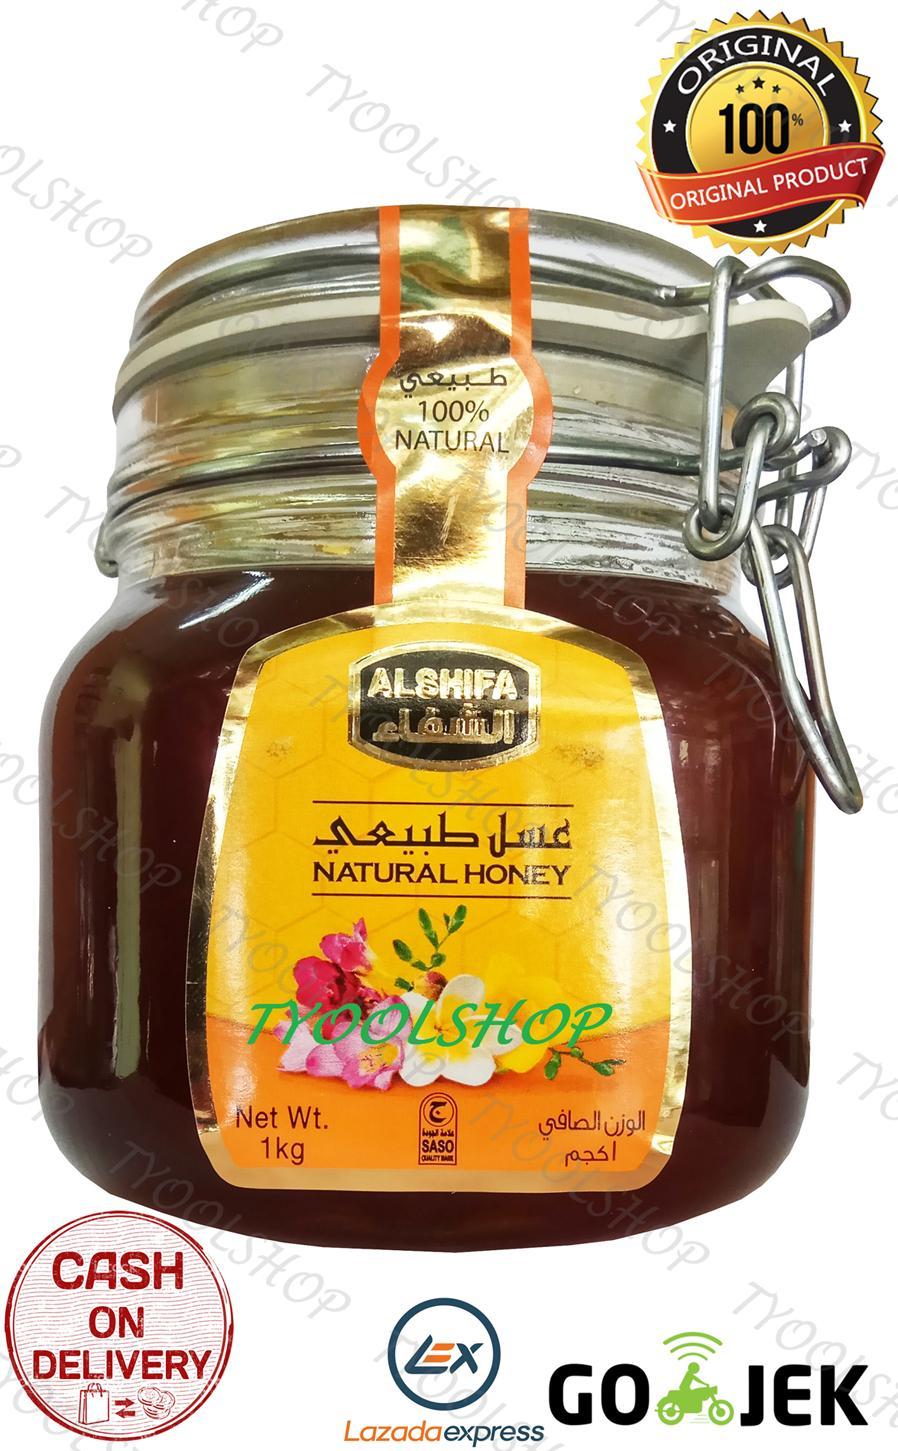 Jual Madu Al Shifa Murah Kaya Manfaat Sehat Klinik 400gr Arab Natural Honey Original 1kg